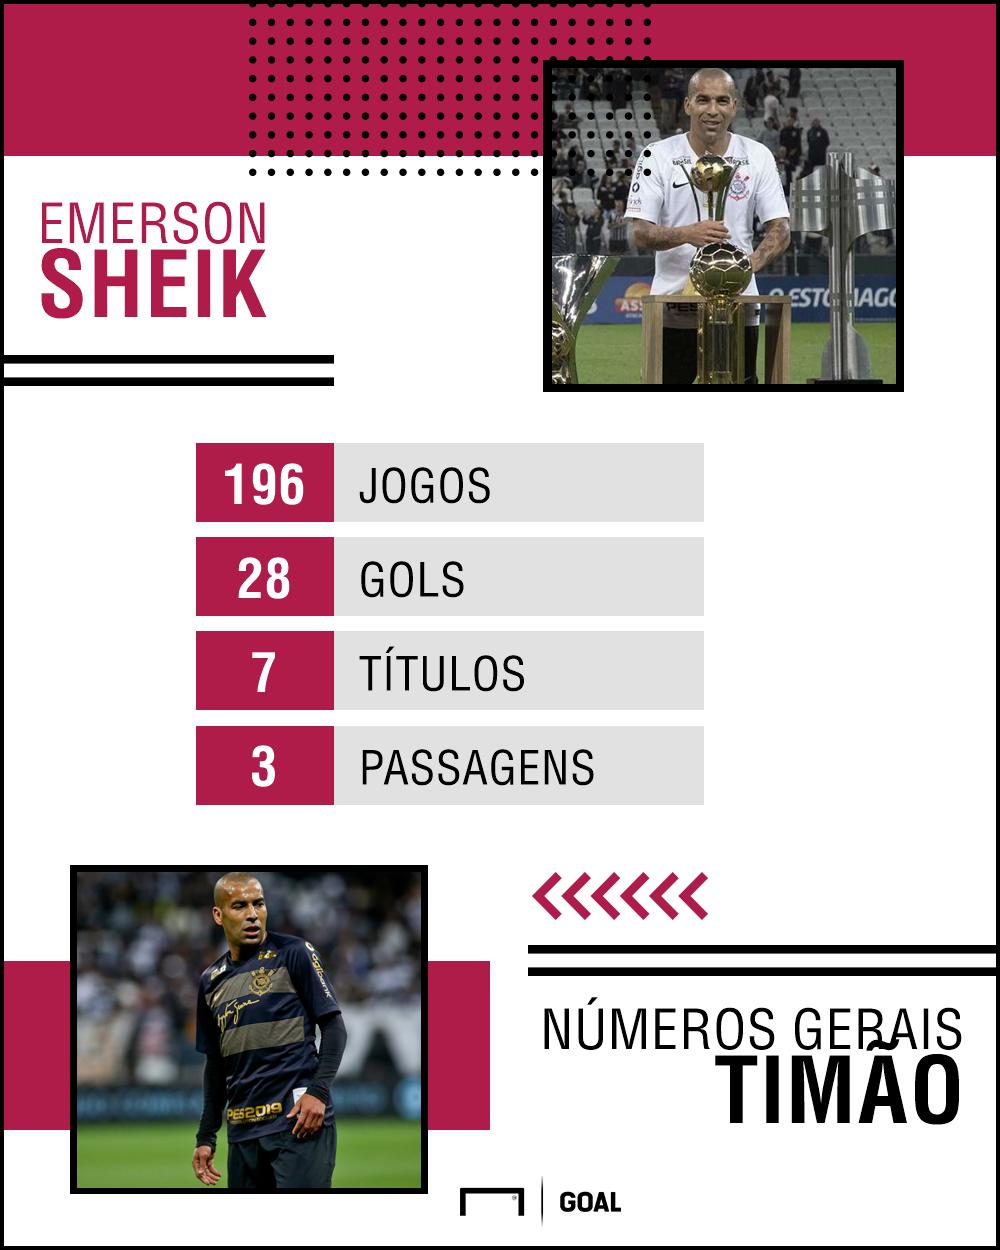 Emerson Sheik PS - Corinthians - 7/12/2018